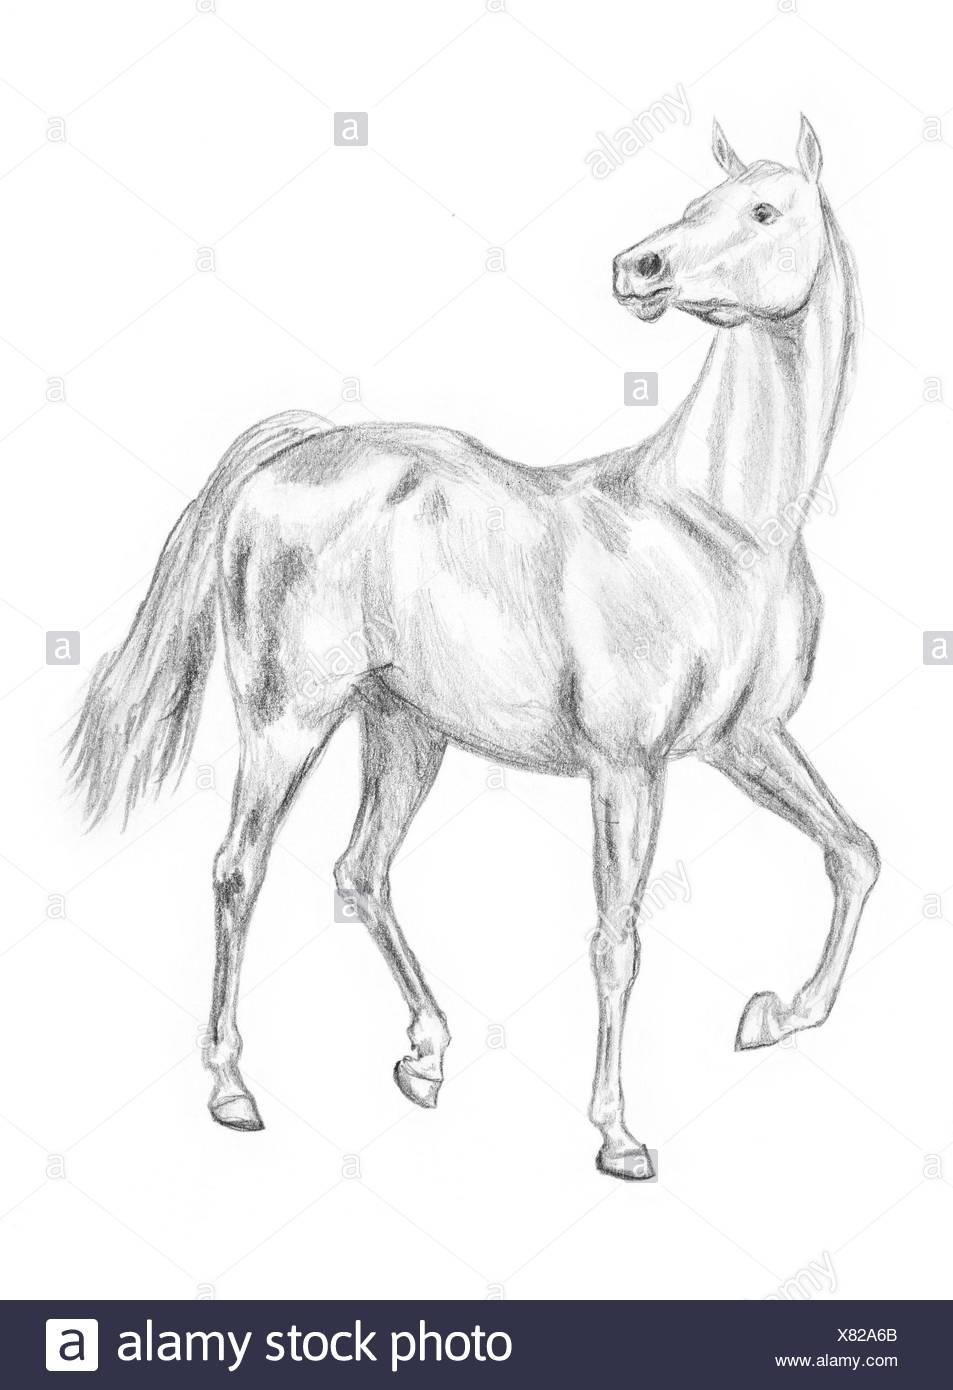 Walking Pferd Zeichnen Stockfoto Bild 280335059 Alamy